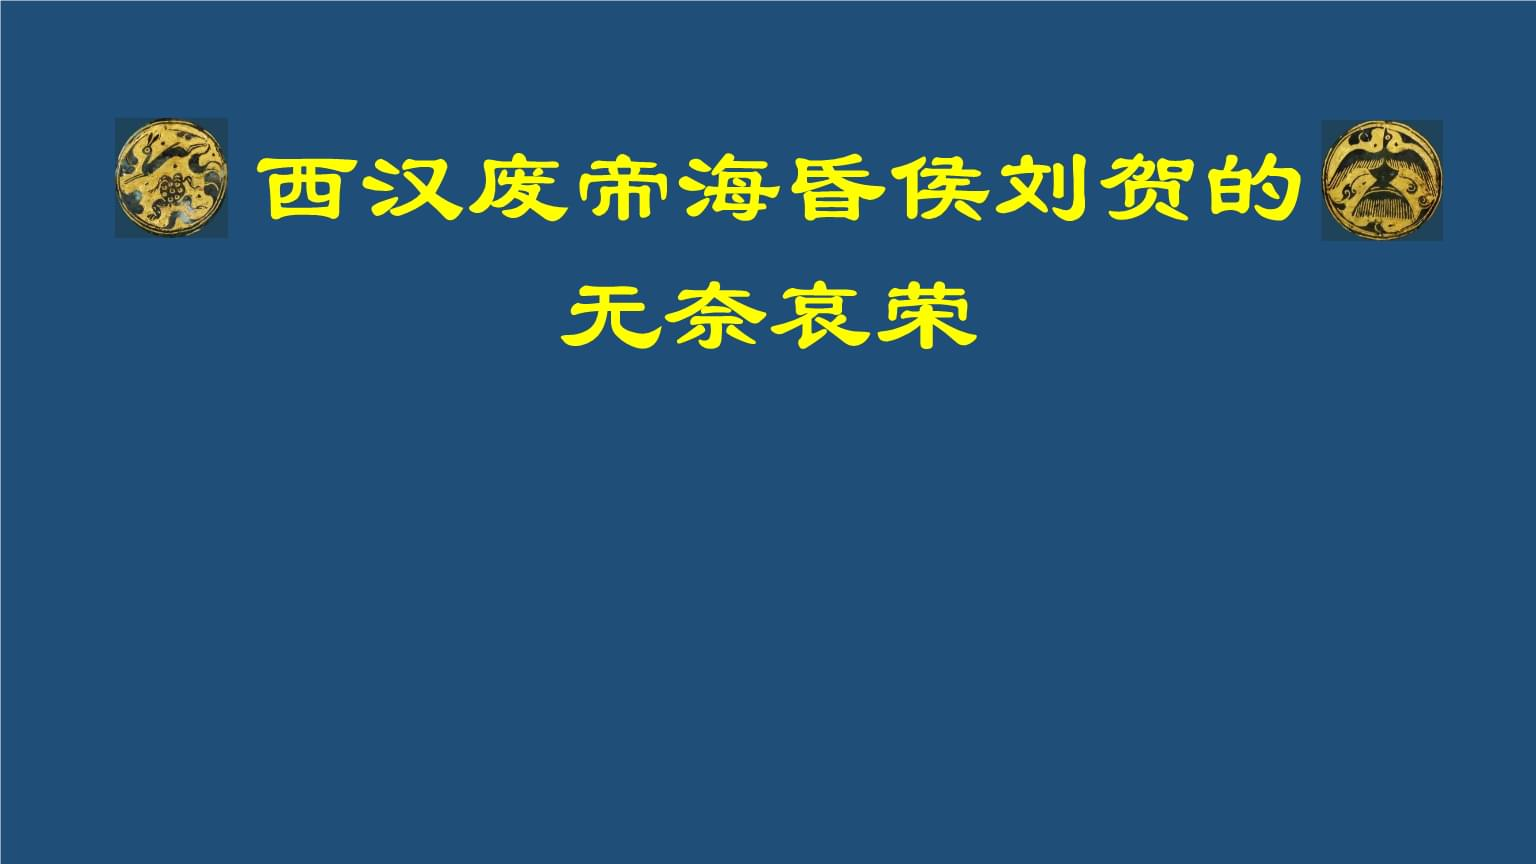 海昏侯墓-概述.ppt